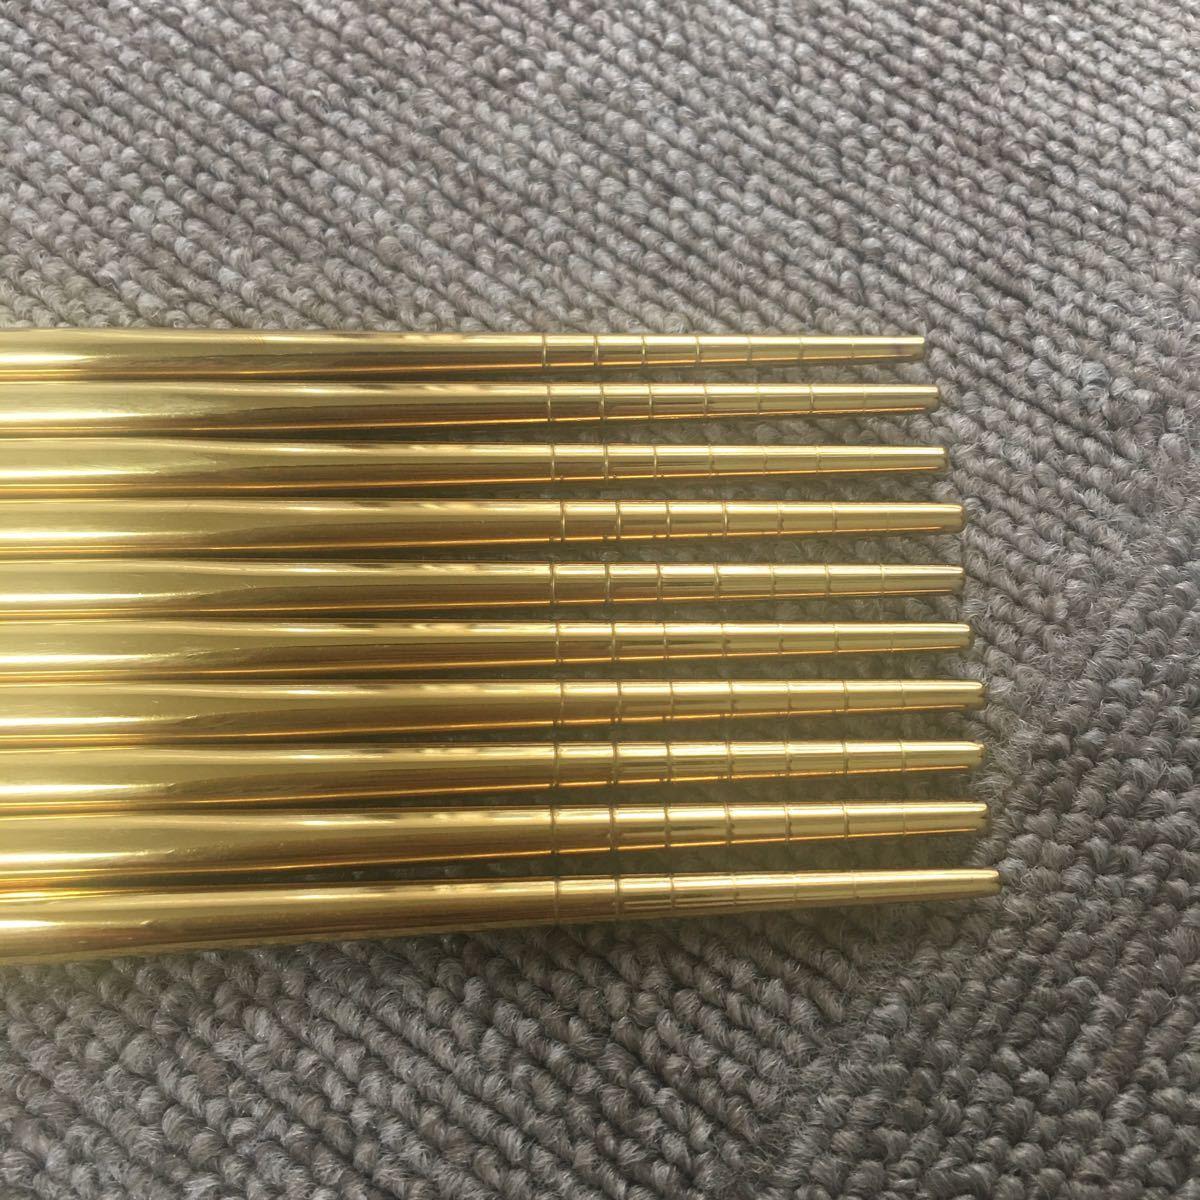 カトラリー 北欧風 スプーン フォーク ナイフ クチポール風 箸 ステンレス